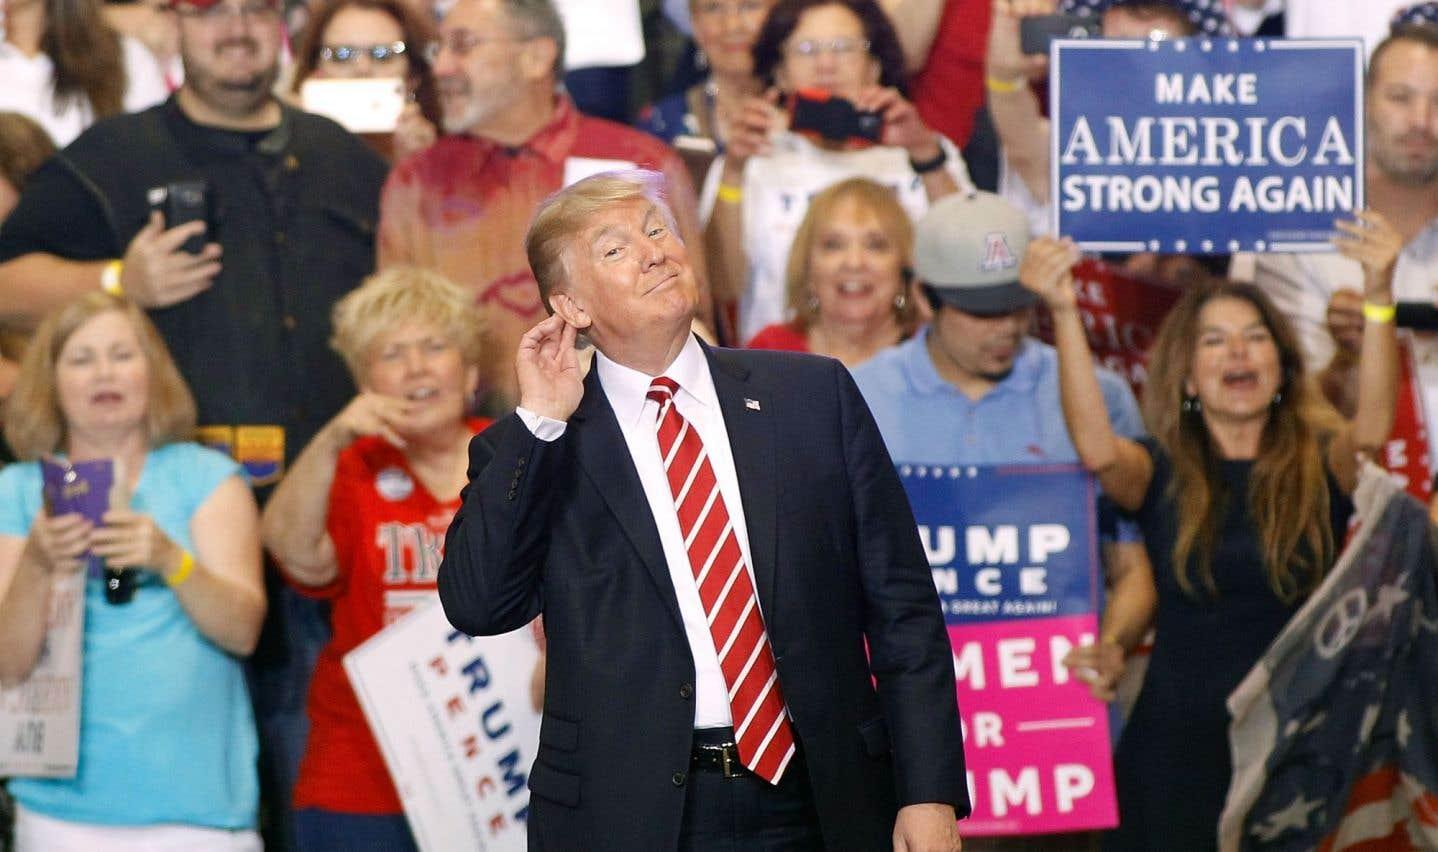 Le président Donald Trump lors d'un rassemblement au Phoenix Convention Center le 22 août 2017 à Phoenix, en Arizona